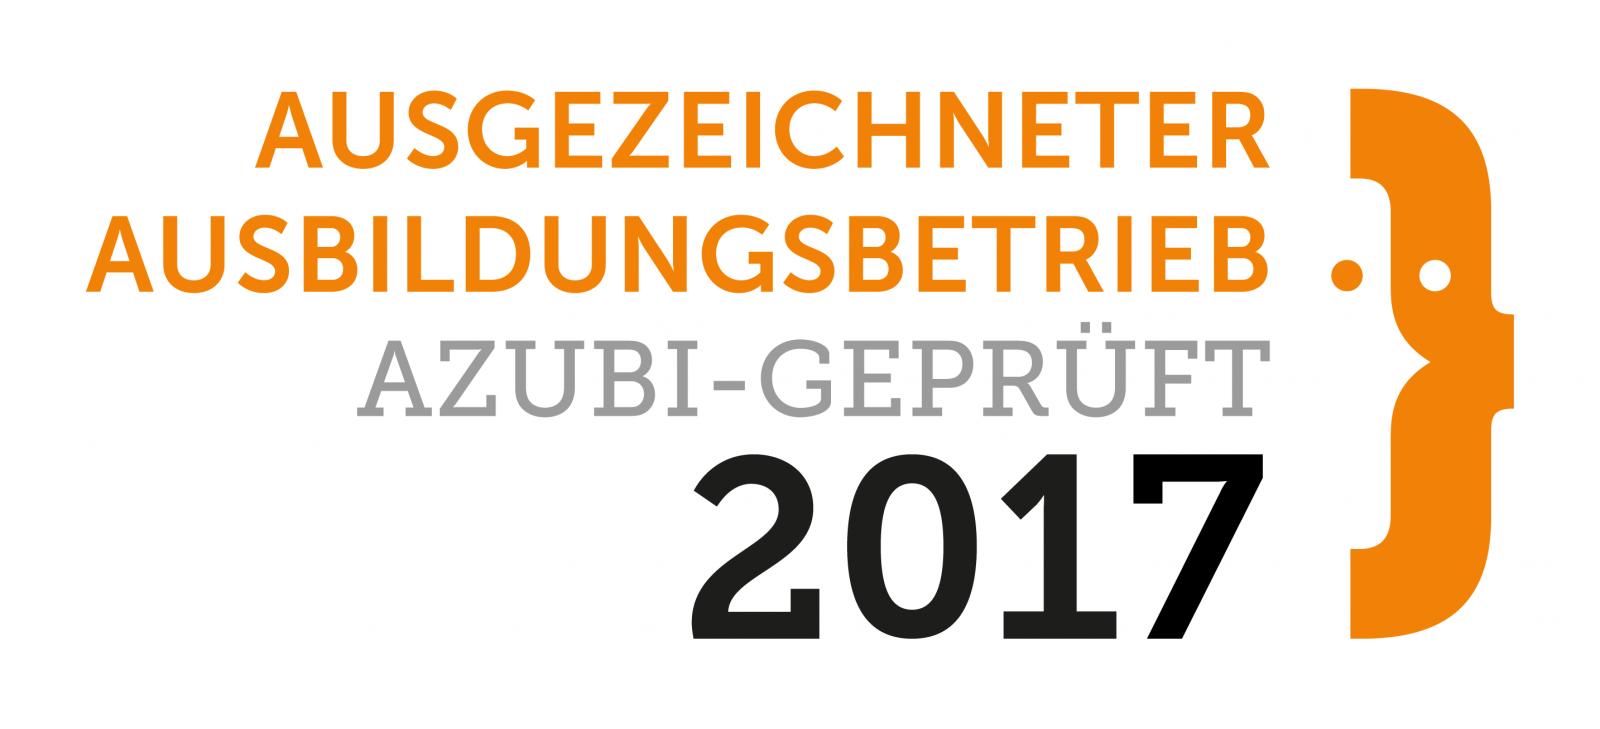 Ausgezeichneter Ausbildungsbetrieb 2017 - Auszeichnung